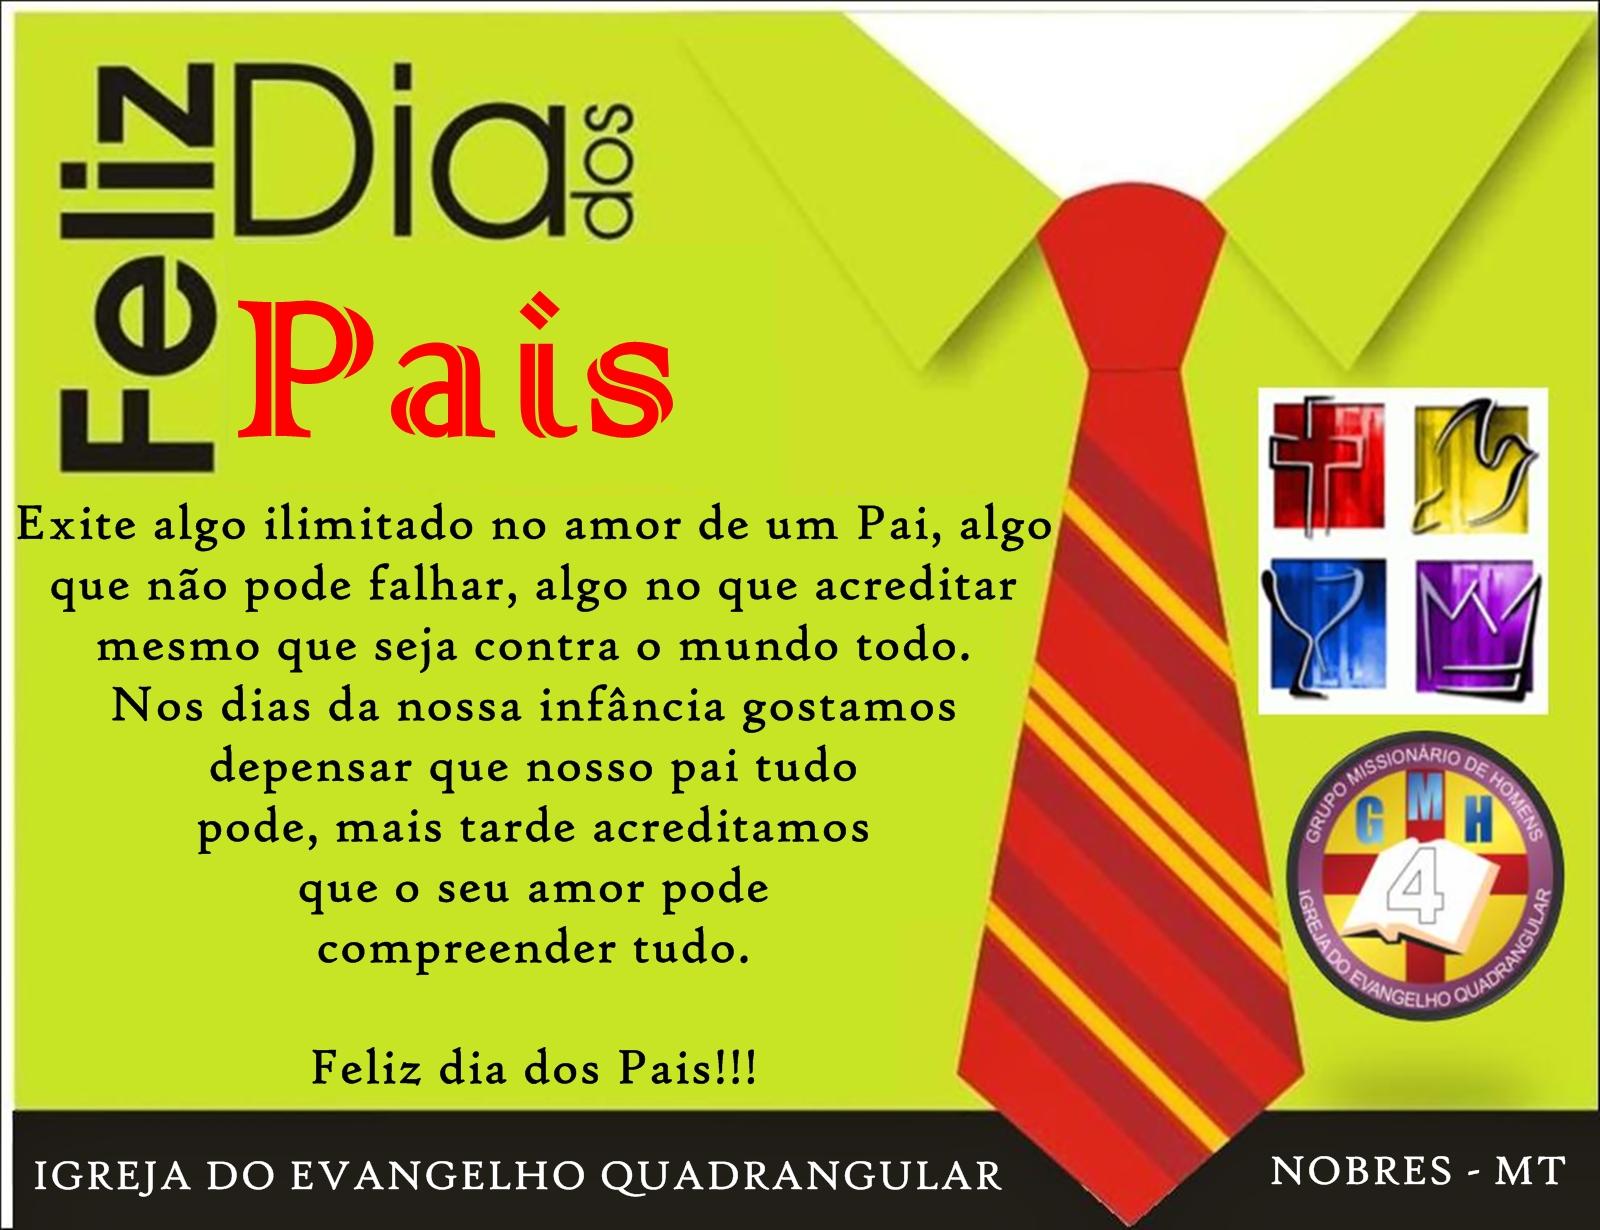 Musical Dia Dos Pais Evangelica: MT: Mensagem Bíblica Aos Pais